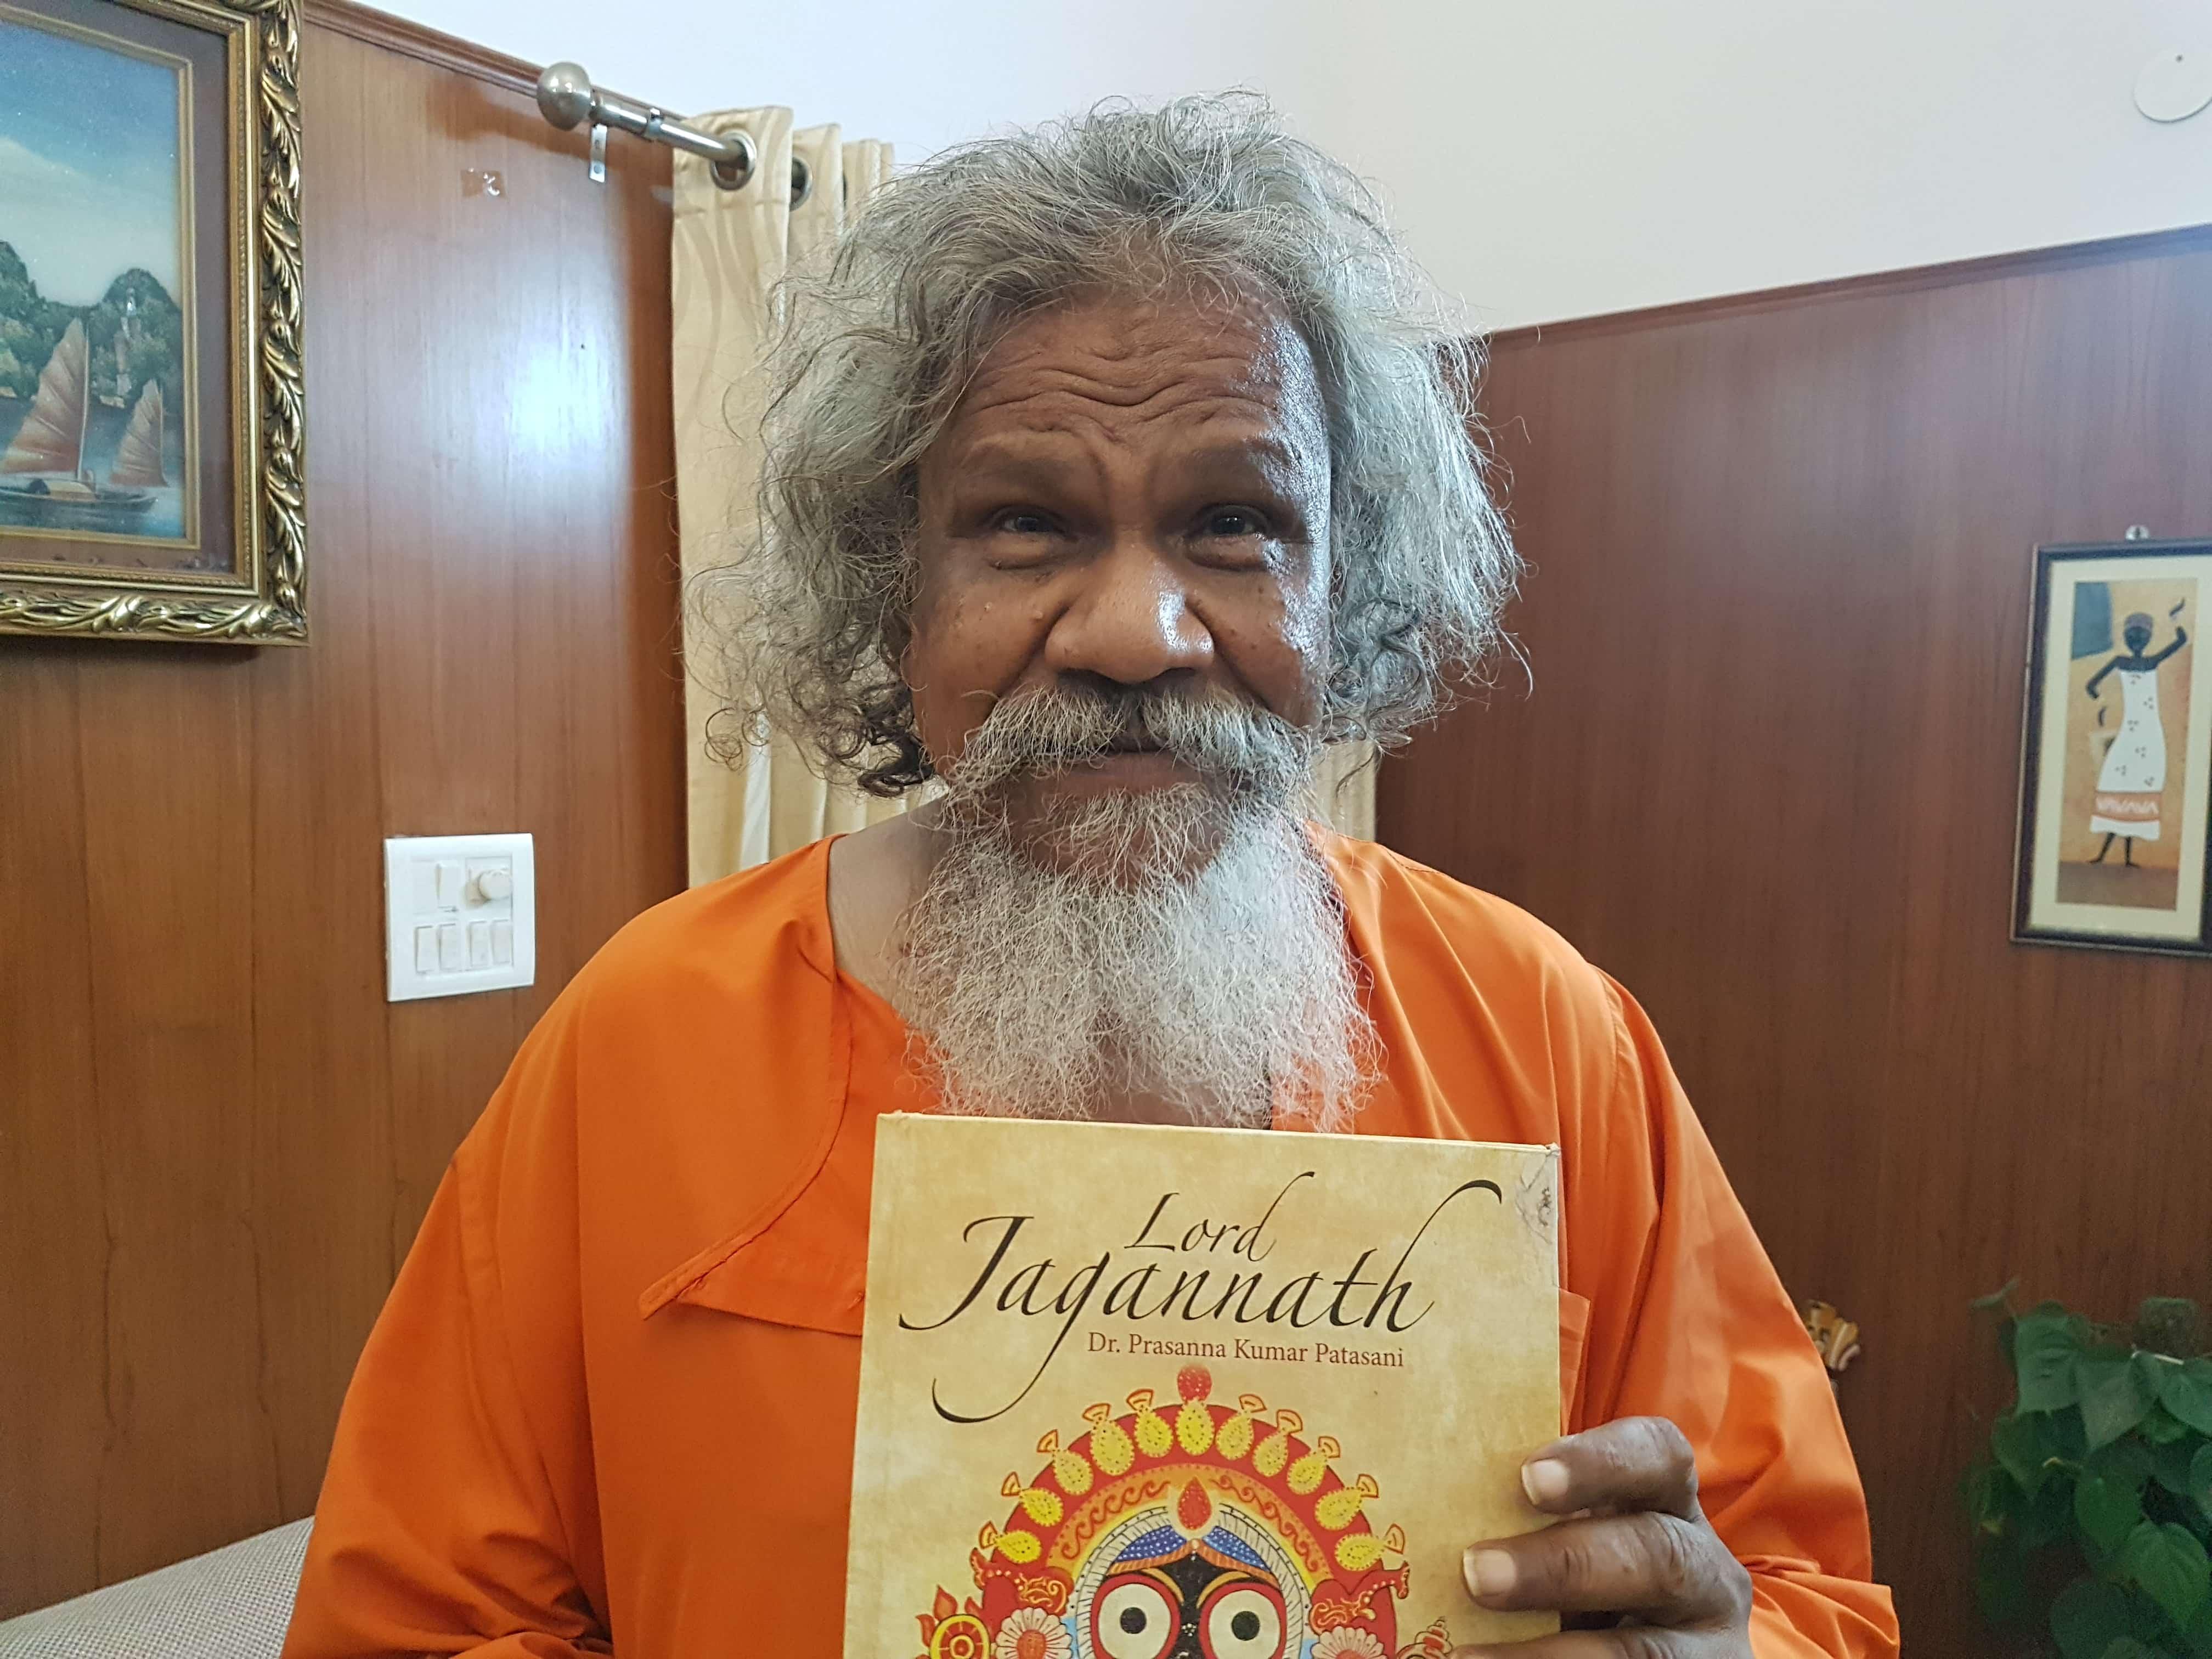 Lord Jagannath by Dr Prasanna Kumar Patasani